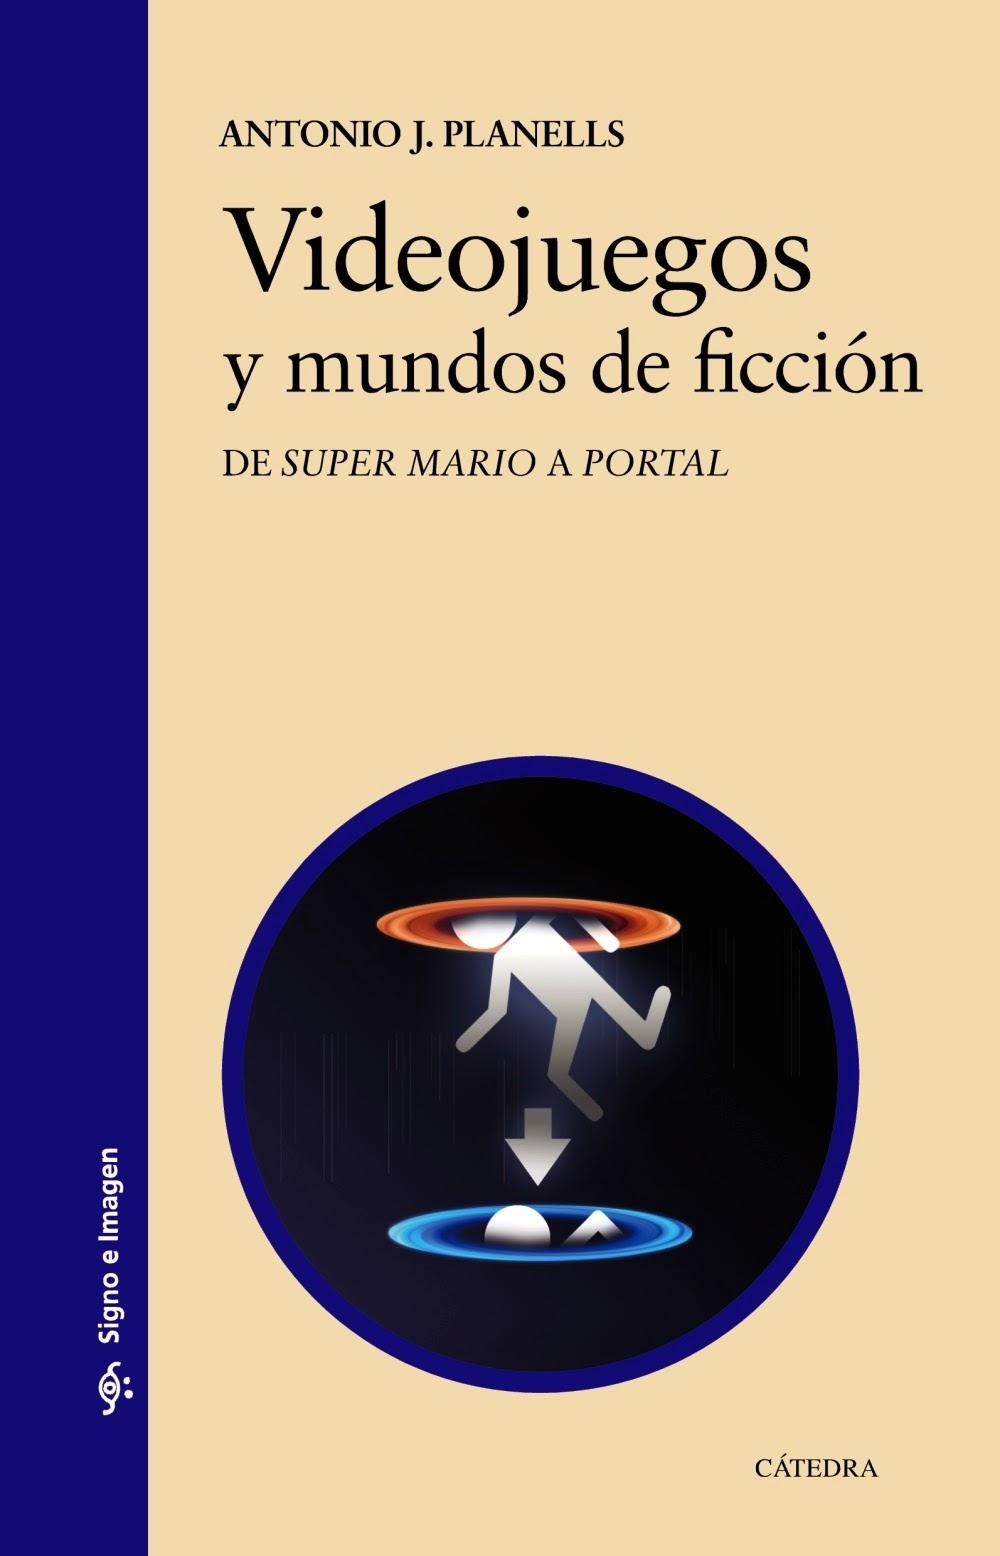 Novedad Editorial Cátedra Enero 2015